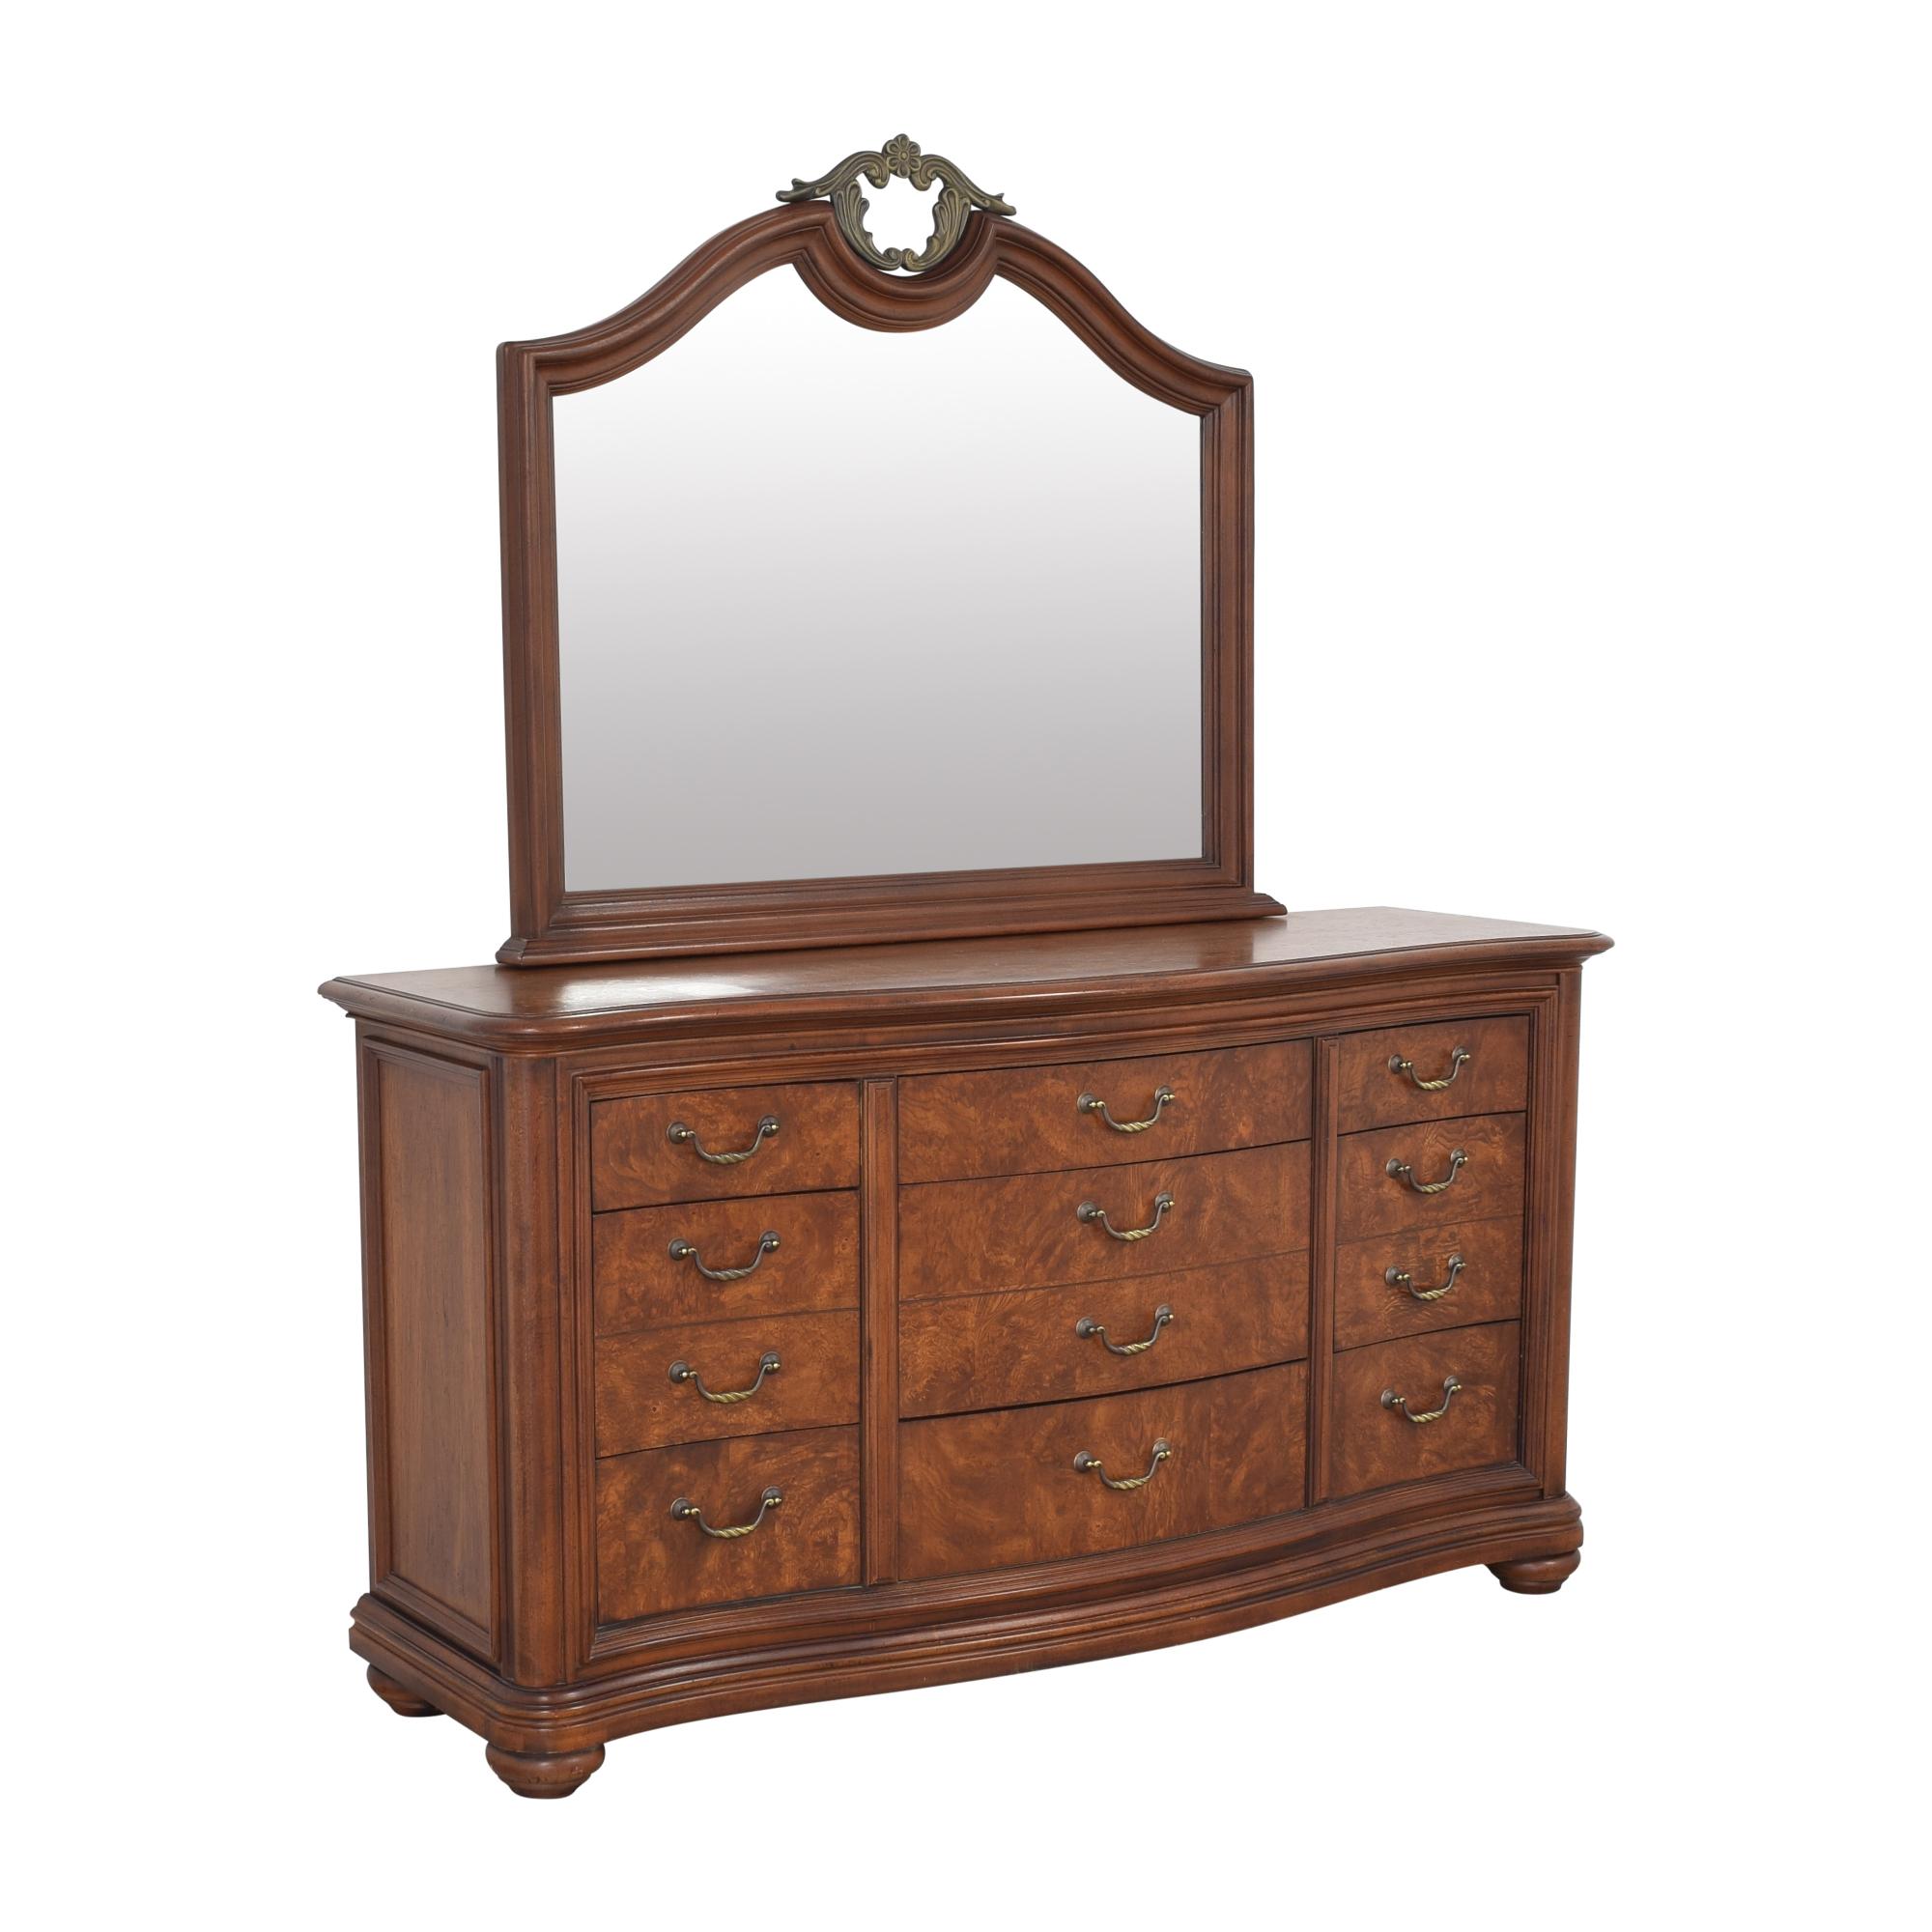 Thomasville Twelve Drawer Dresser with Mirror / Storage